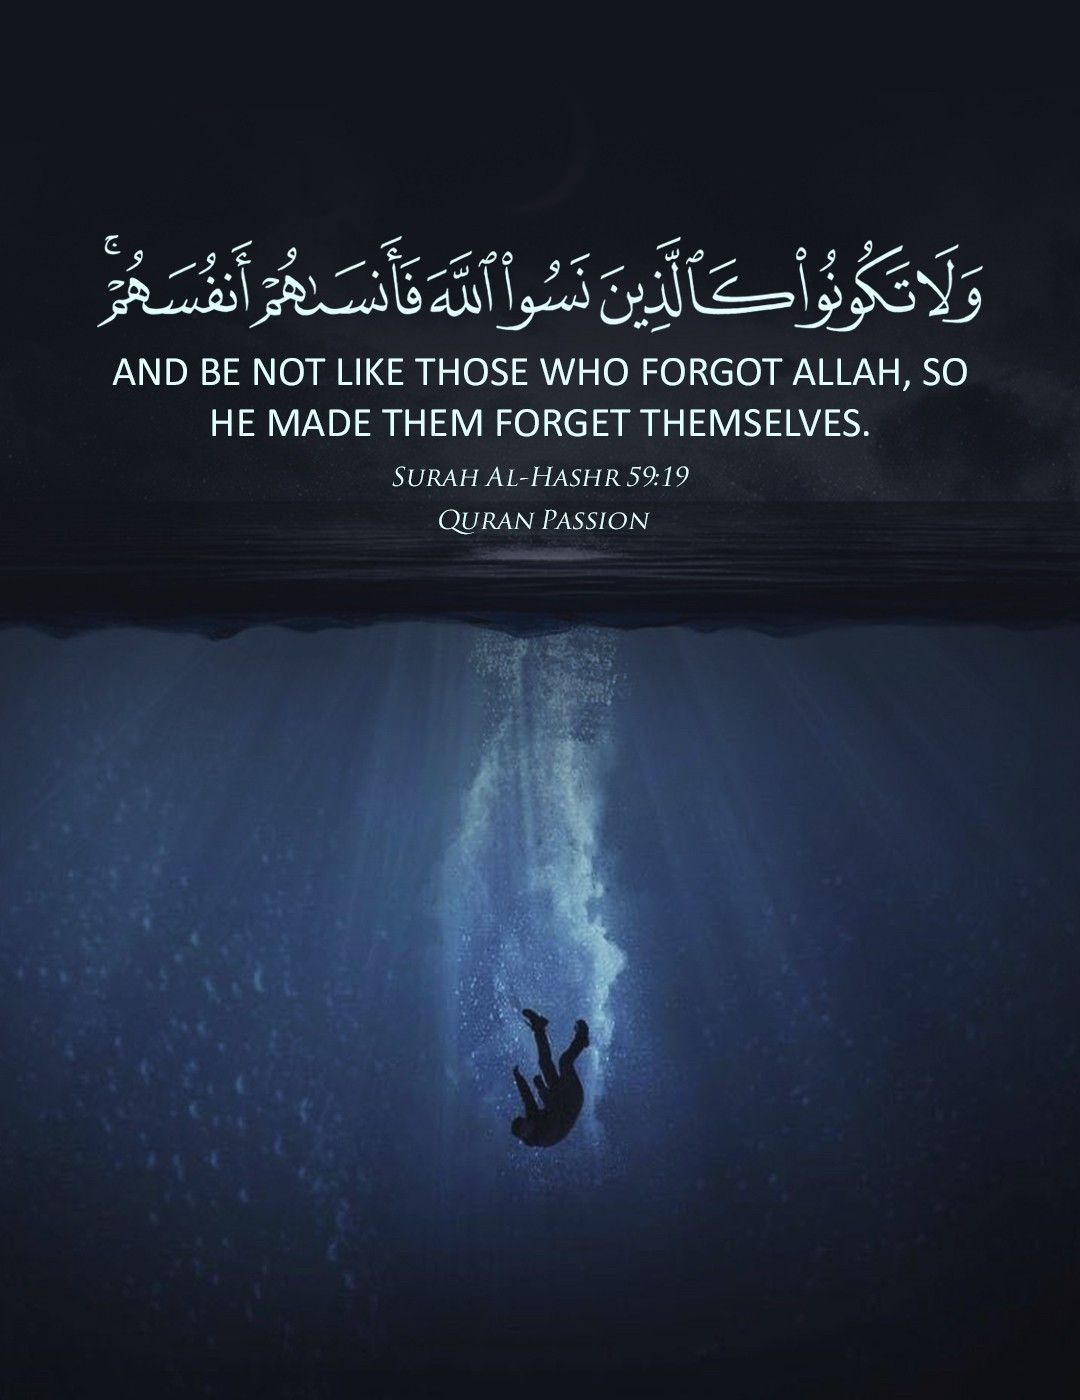 و ل ا ت ك ون وا ك ال ذ ين ن س وا الل ه ف أ نس اه م أ نف س ه م استغفروه Quran Quotes Verses Quran Quotes Islamic Quotes